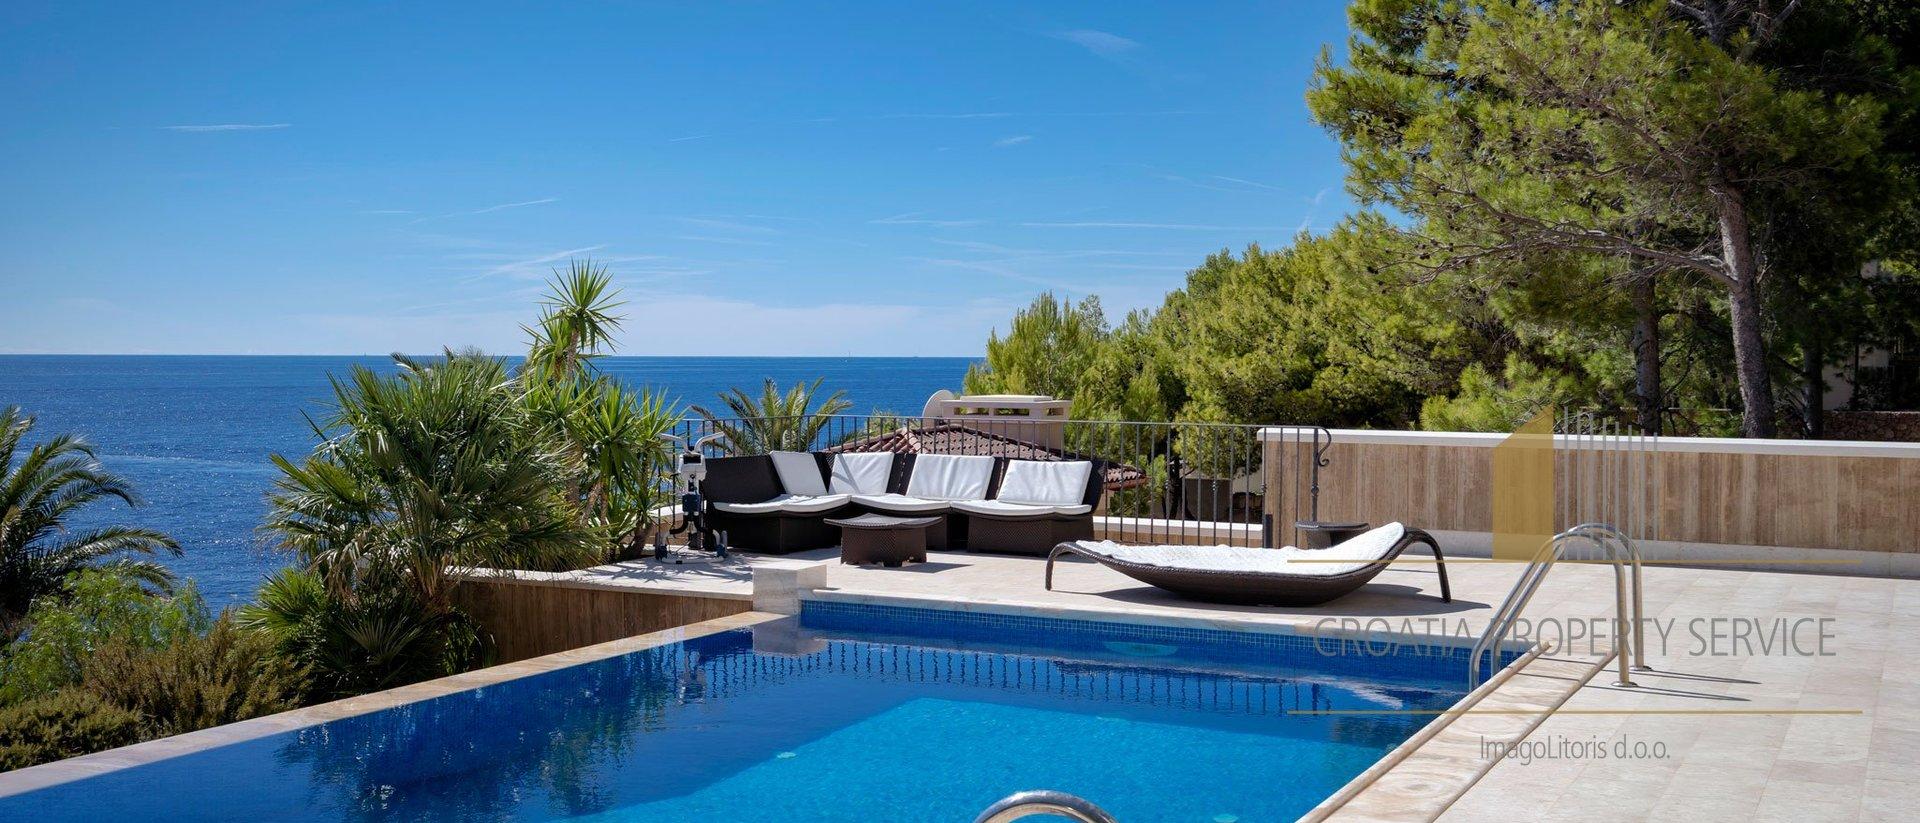 Seafront luxury villa Hvar